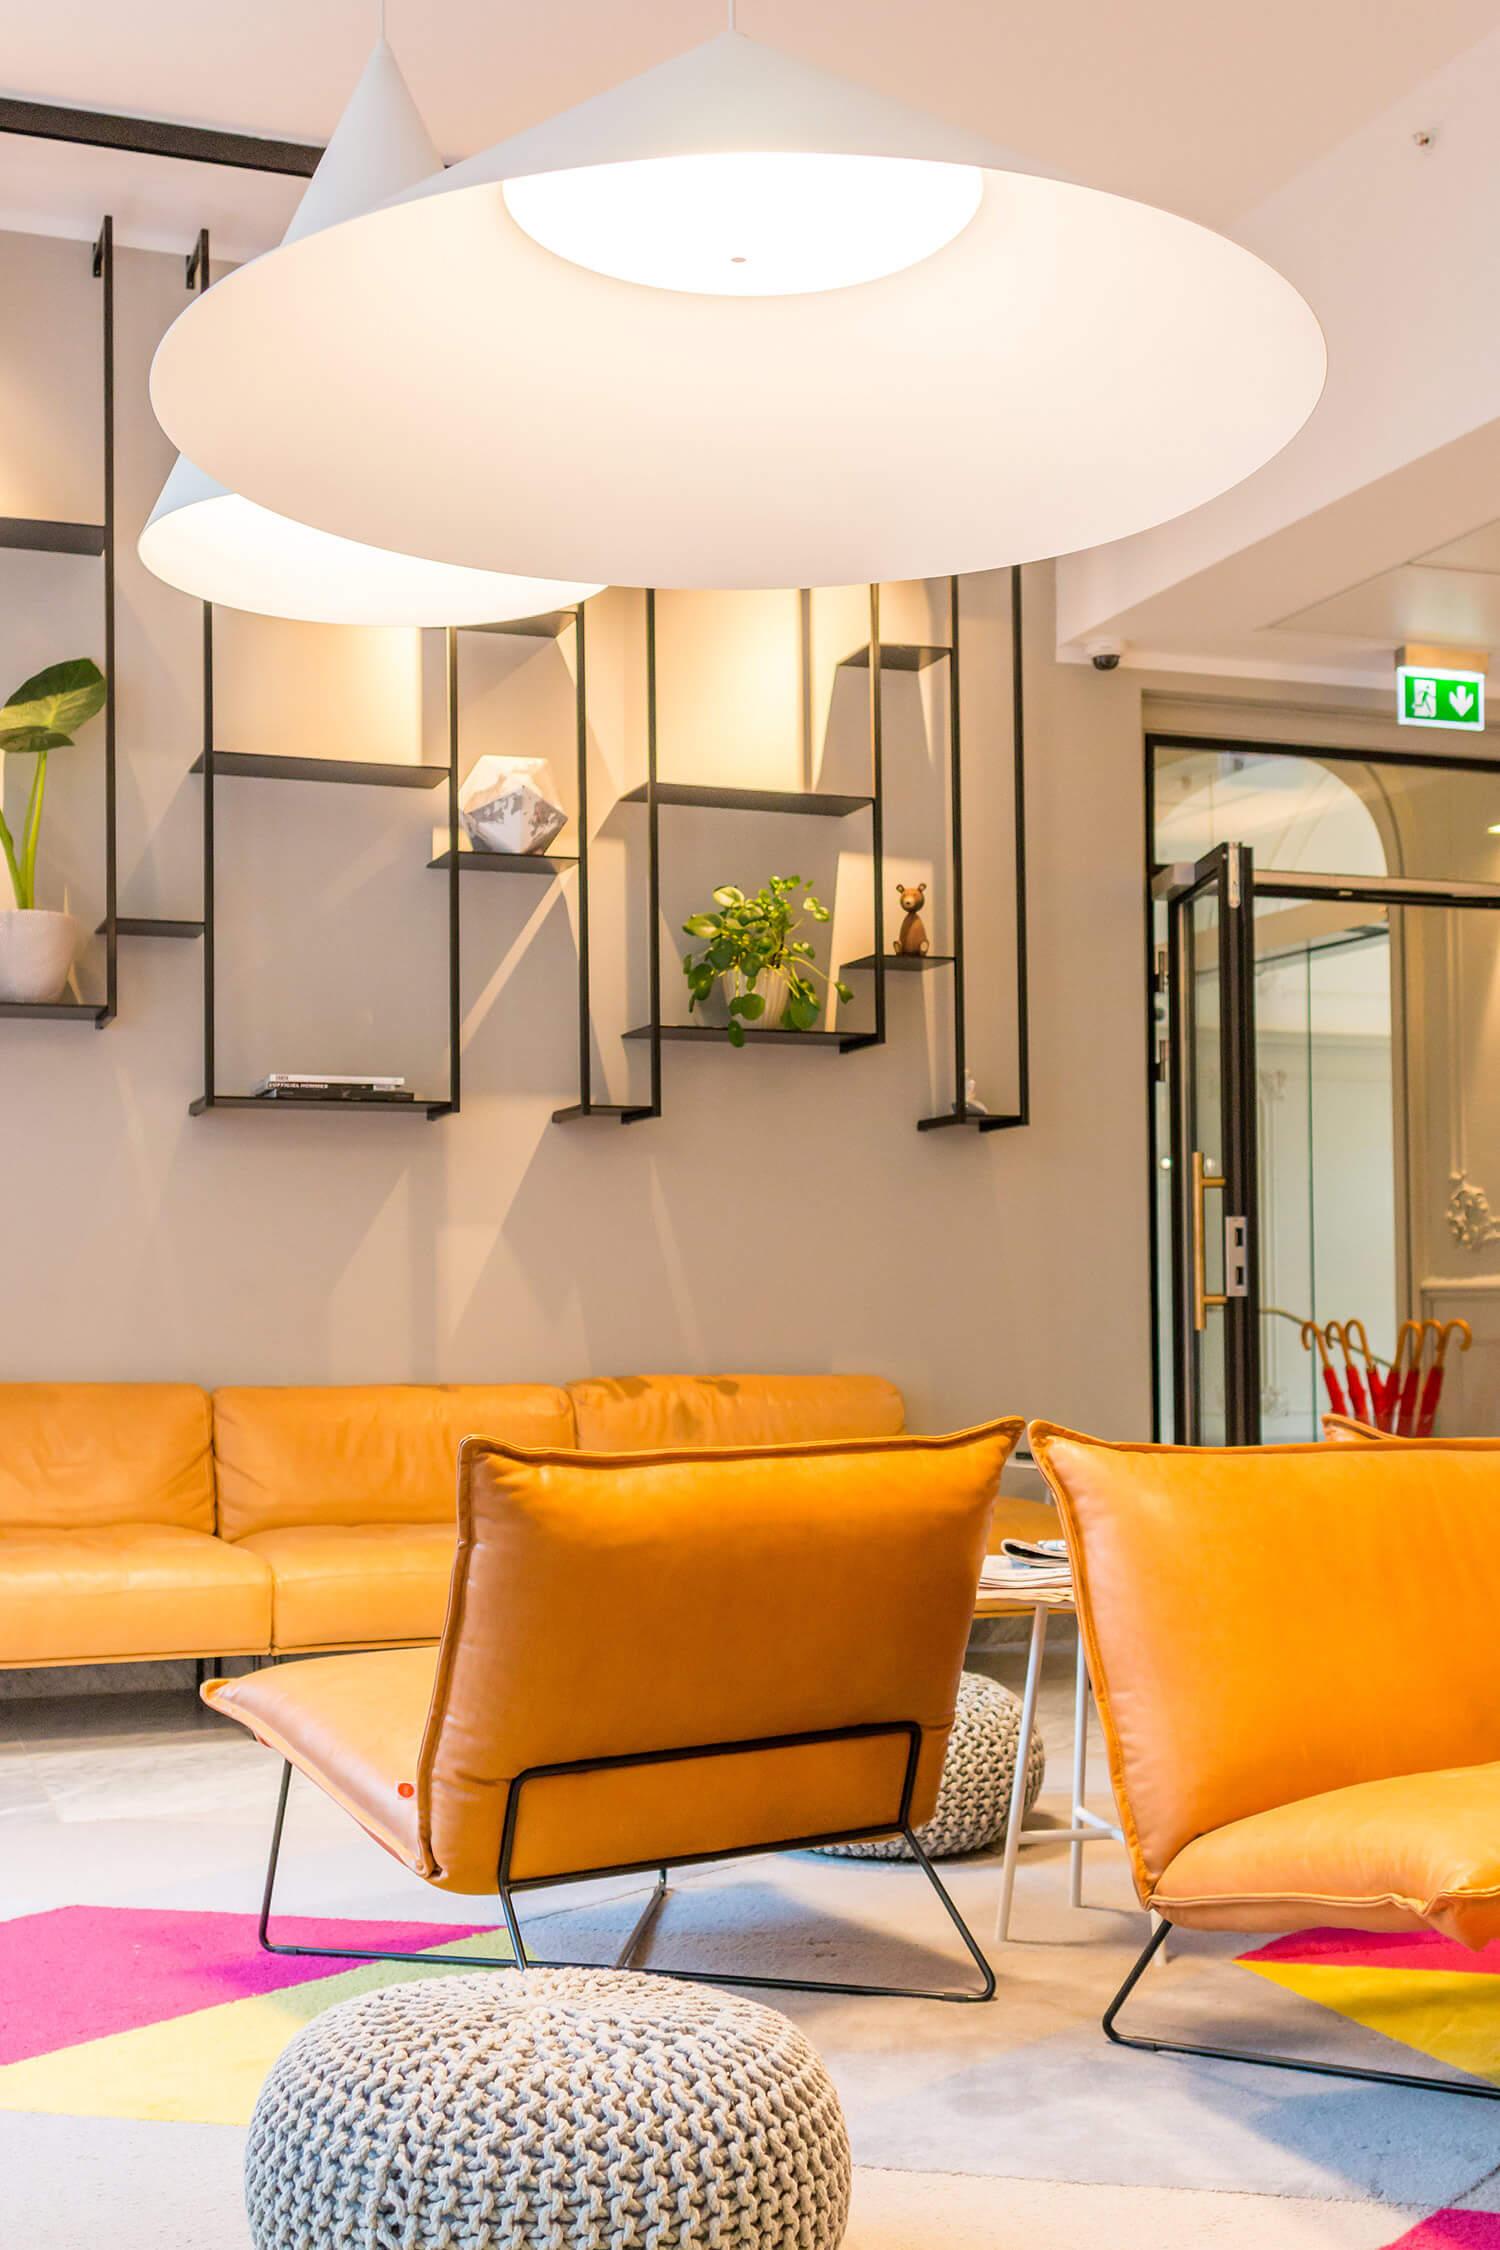 Nobis-Hotel-Copenhagen-1.jpg